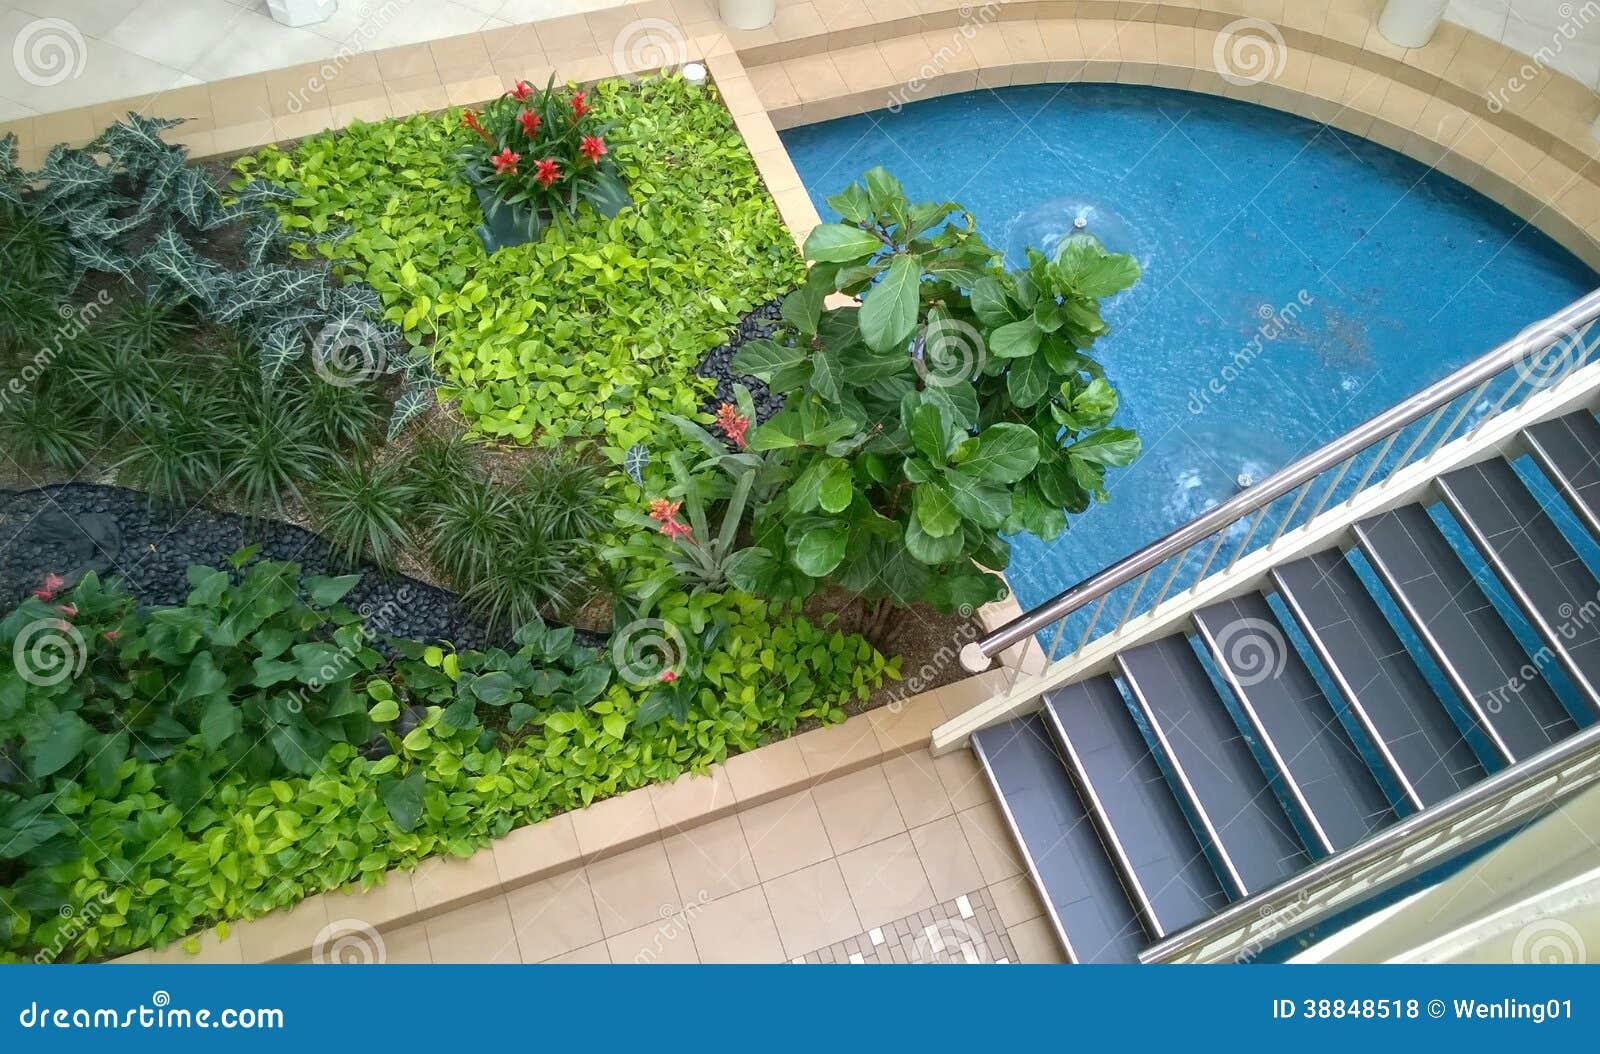 Indoor Garden Design Stock Photo Image Of Plant Garden